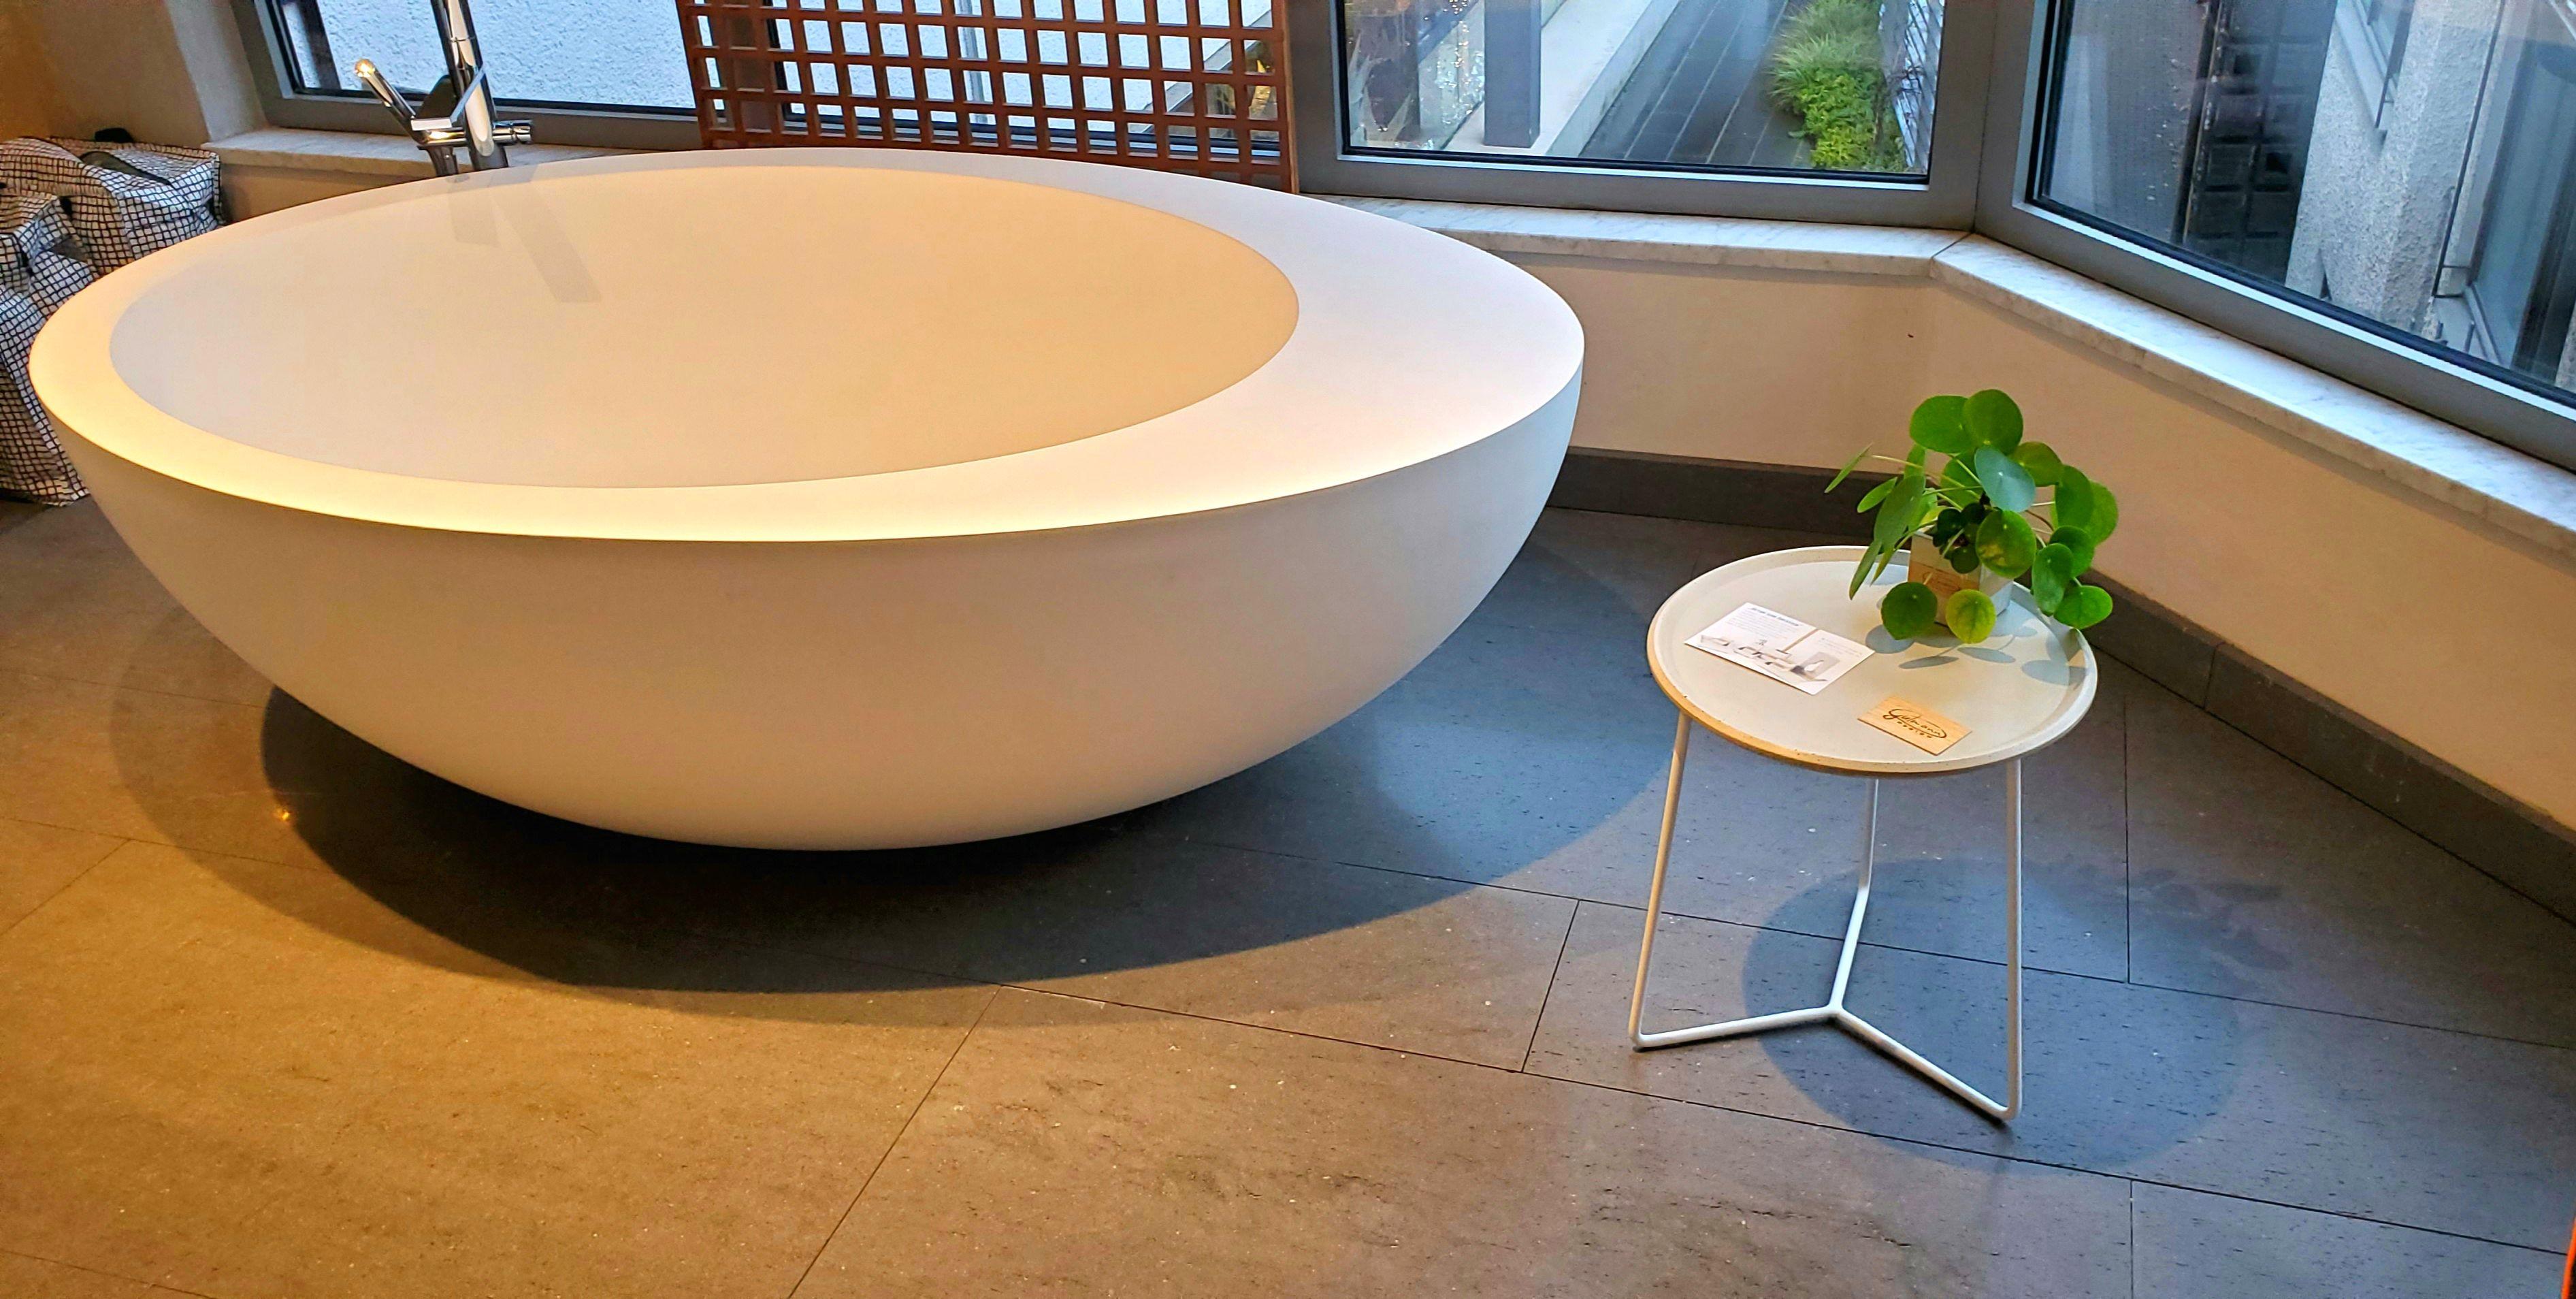 Beton Tisch Betontisch Esstisch Beton Badezimmer Tisch